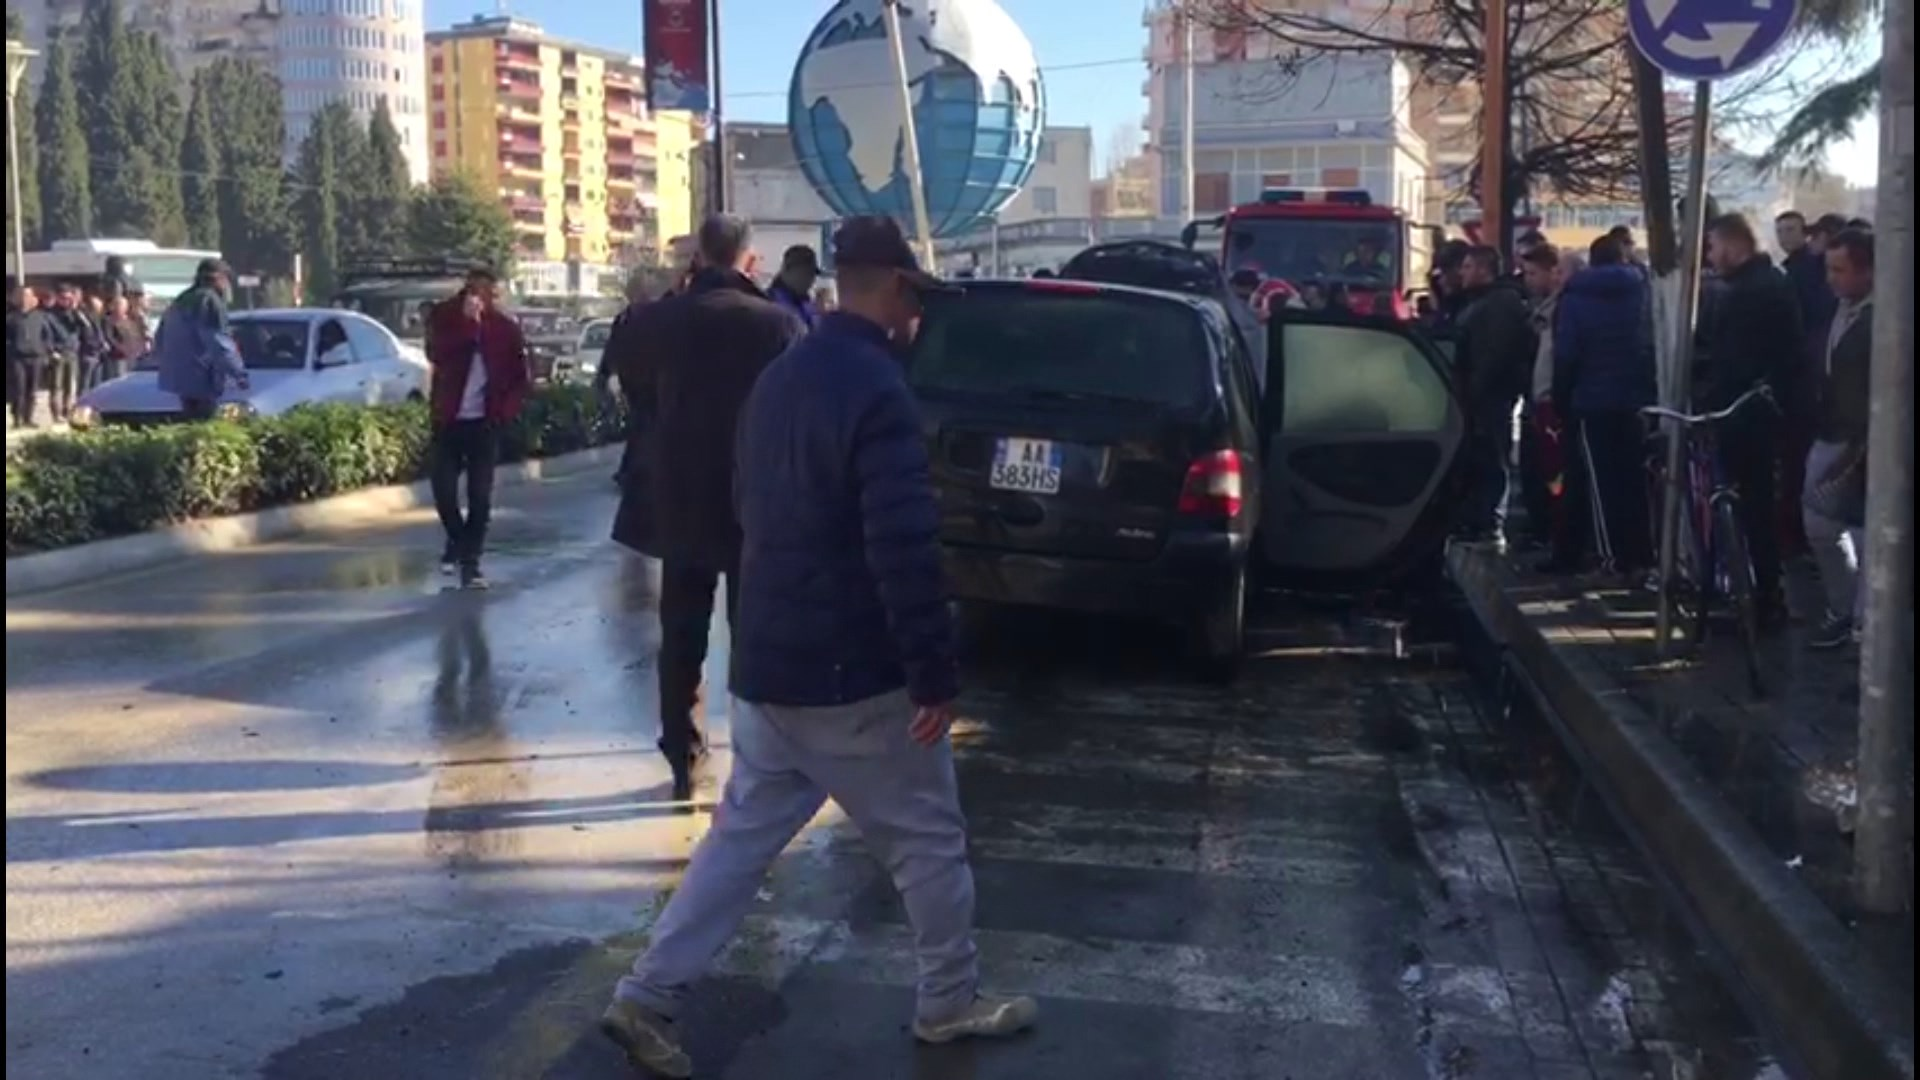 Makina mori flakë në lëvizje në Fier, shpëtoi drejtuesi